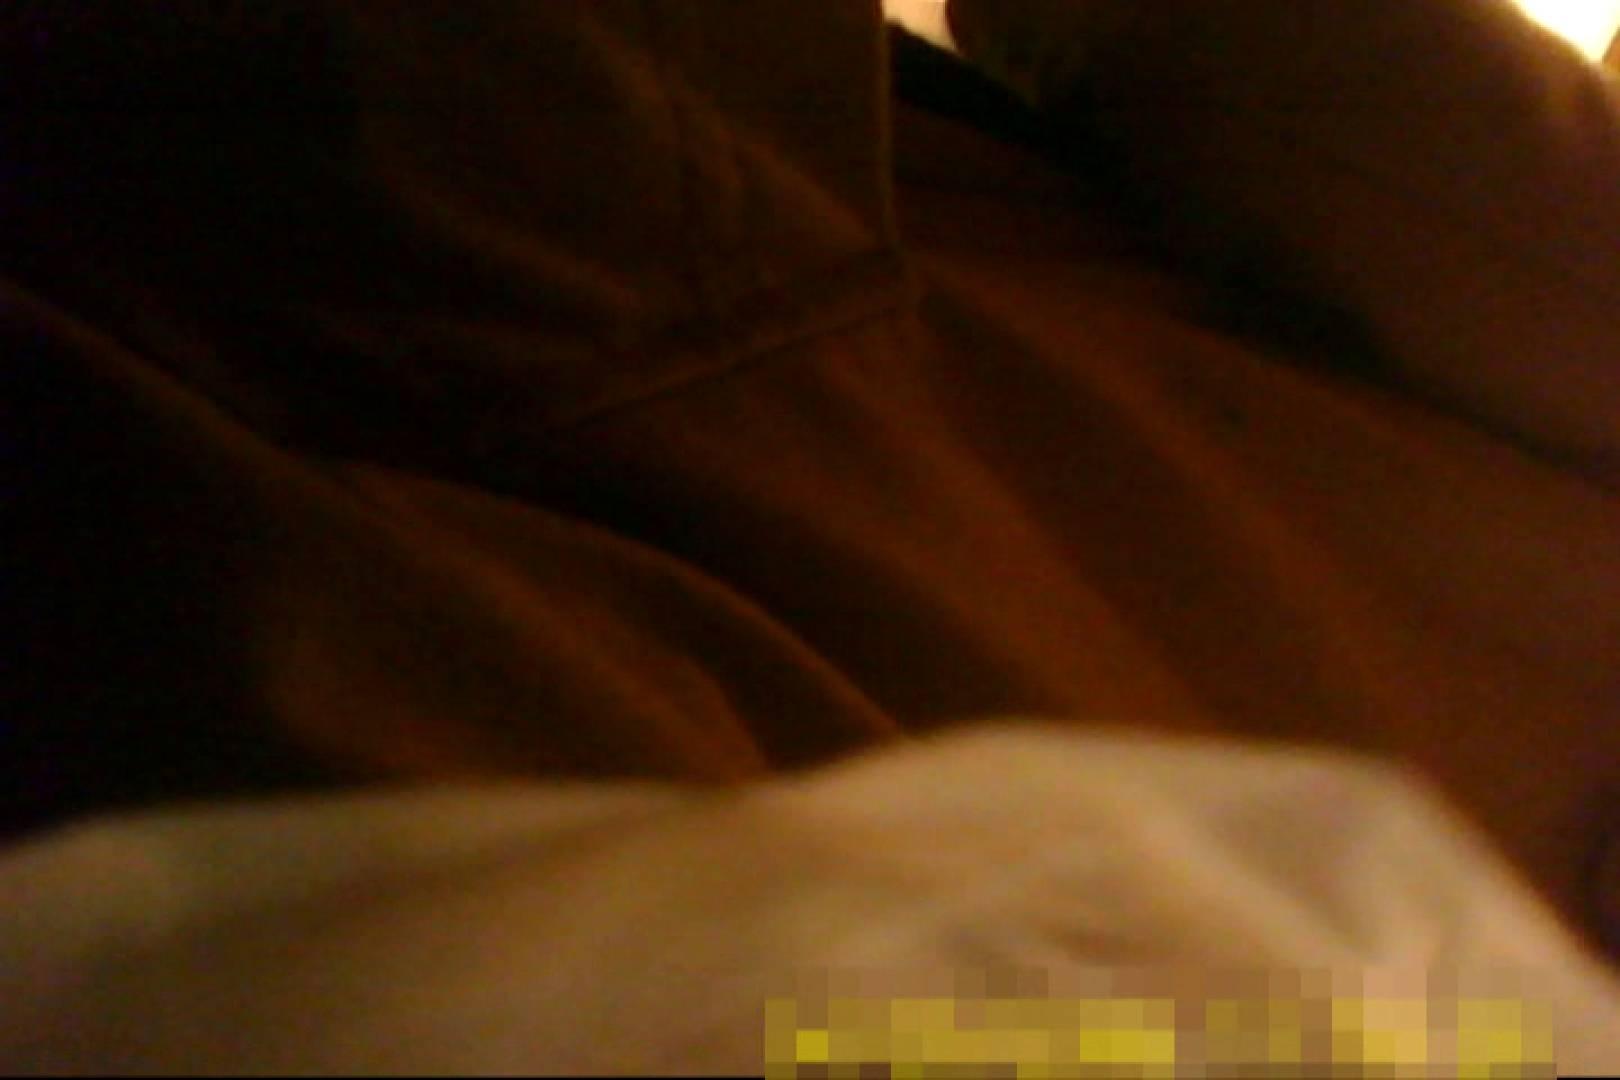 魅惑の化粧室~禁断のプライベート空間~vol.8 プライベート オマンコ無修正動画無料 89画像 87